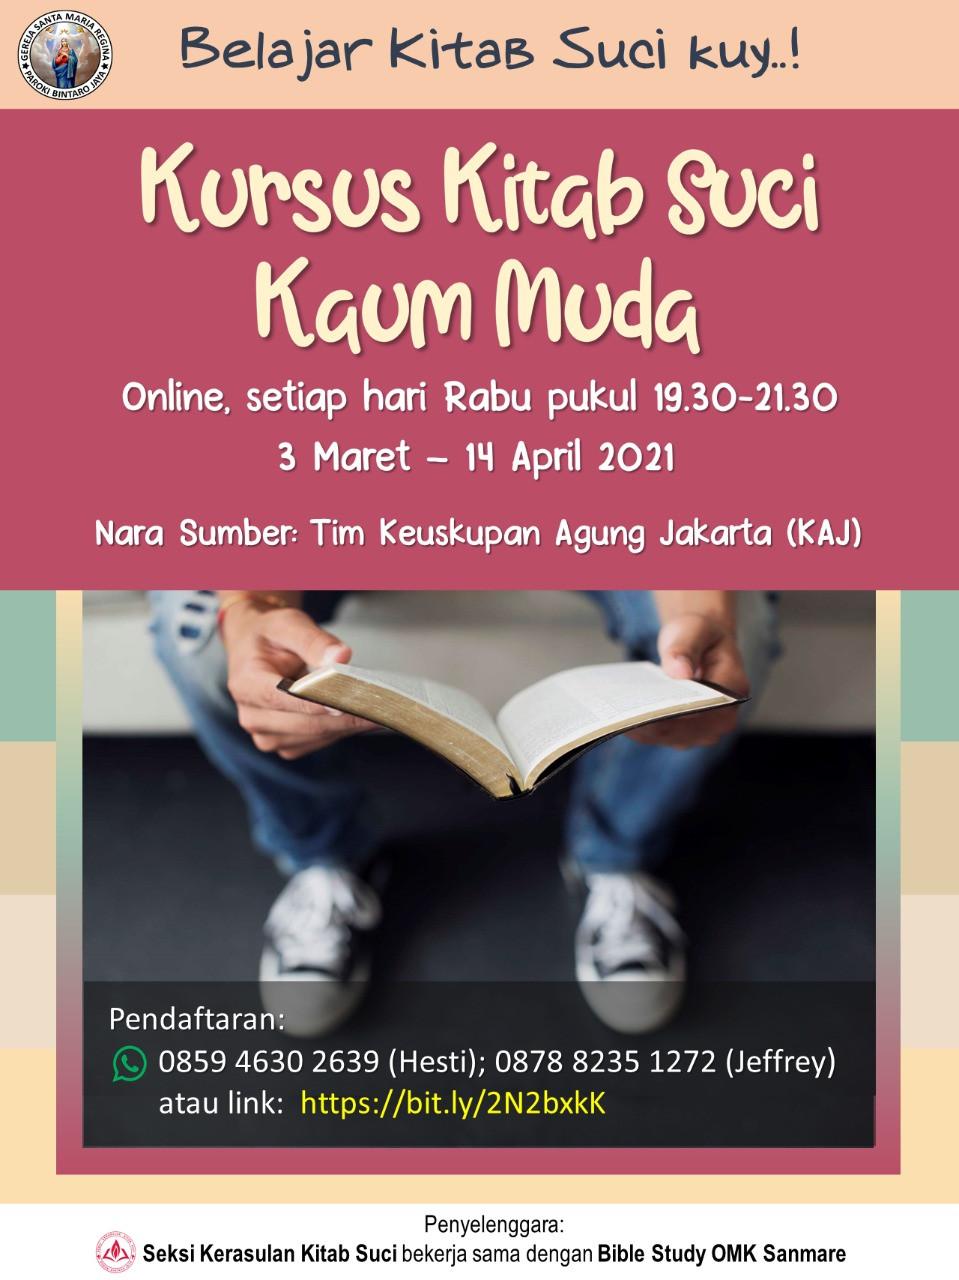 Kursus Kitab Suci Kaum Muda